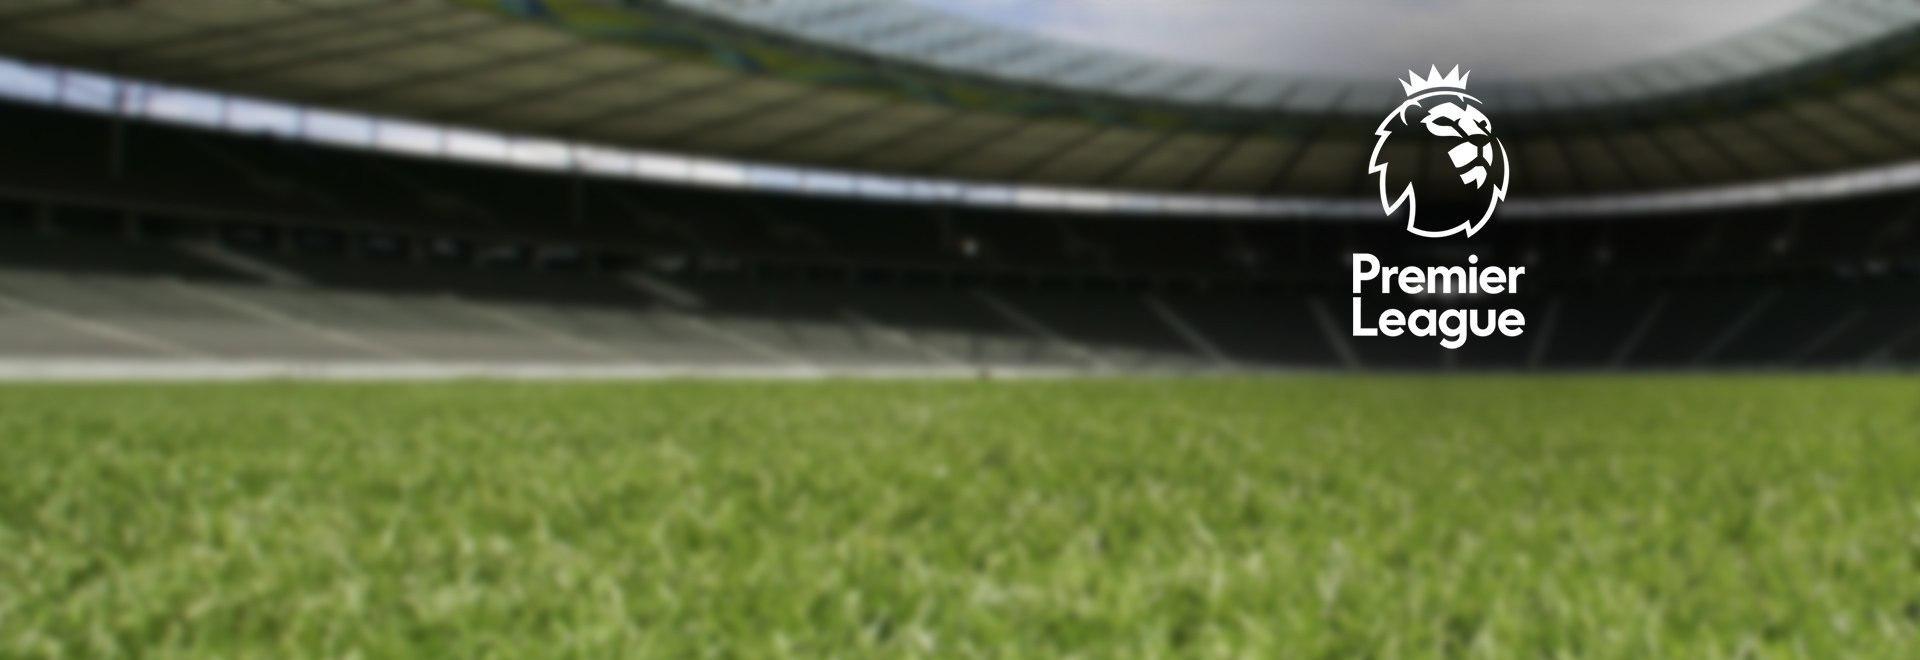 West Bromwich Albion - Southampton. 31a g.